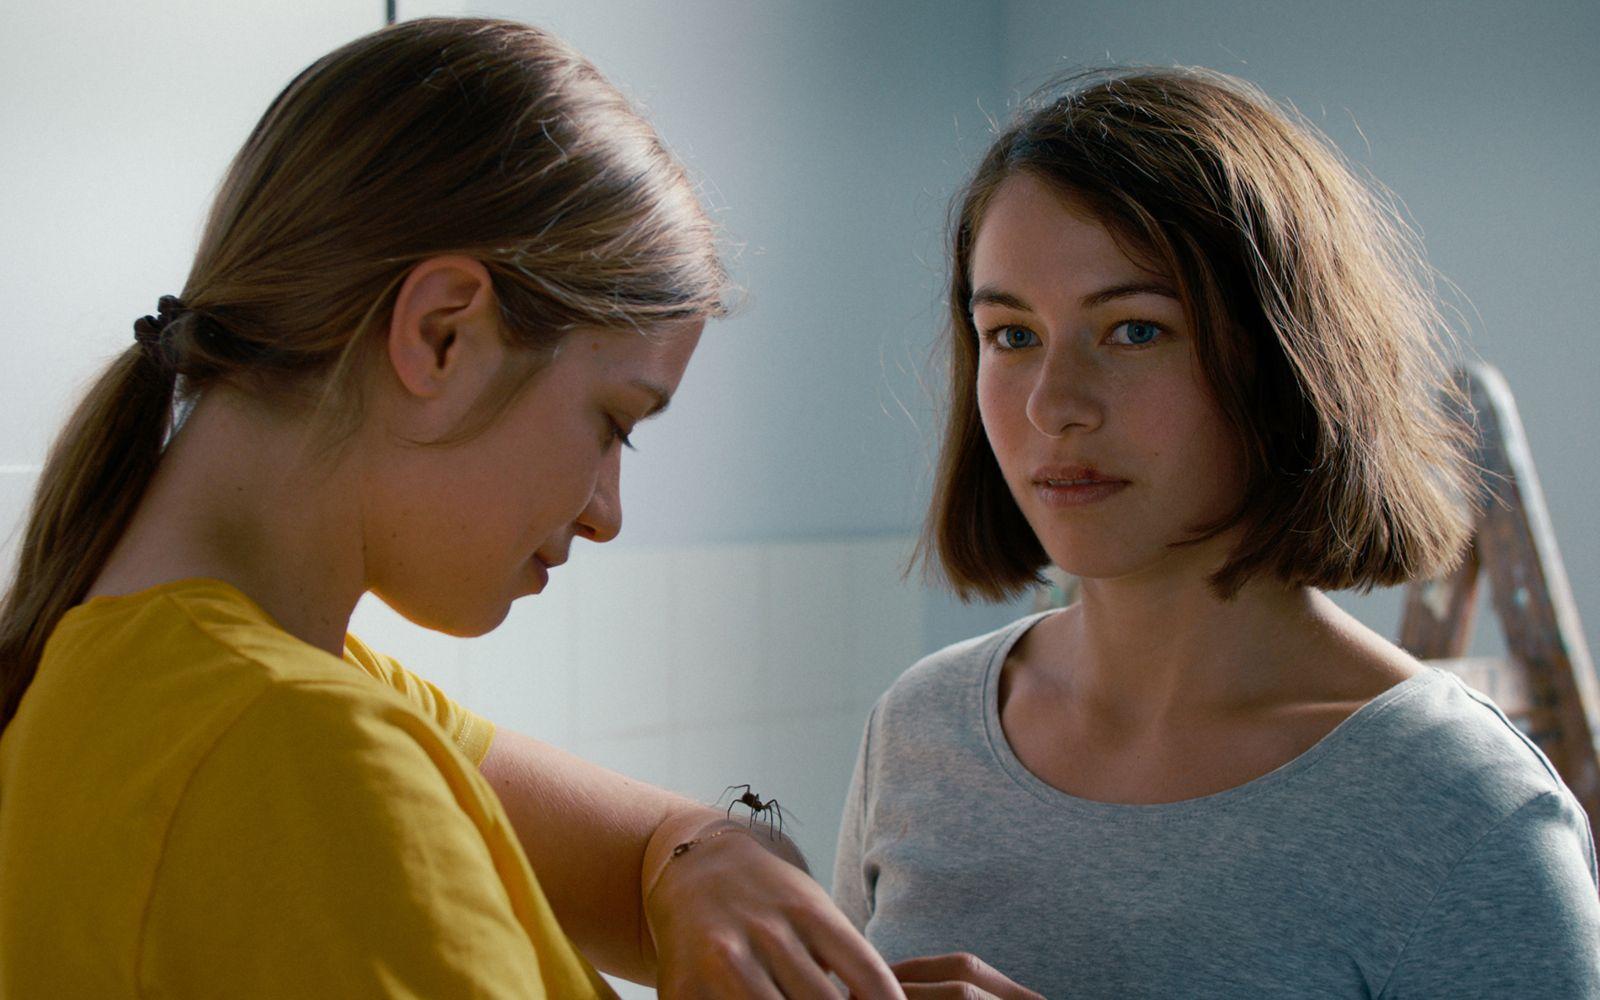 Berlinale/ Encounters/ Das Mädchen und die Spinne